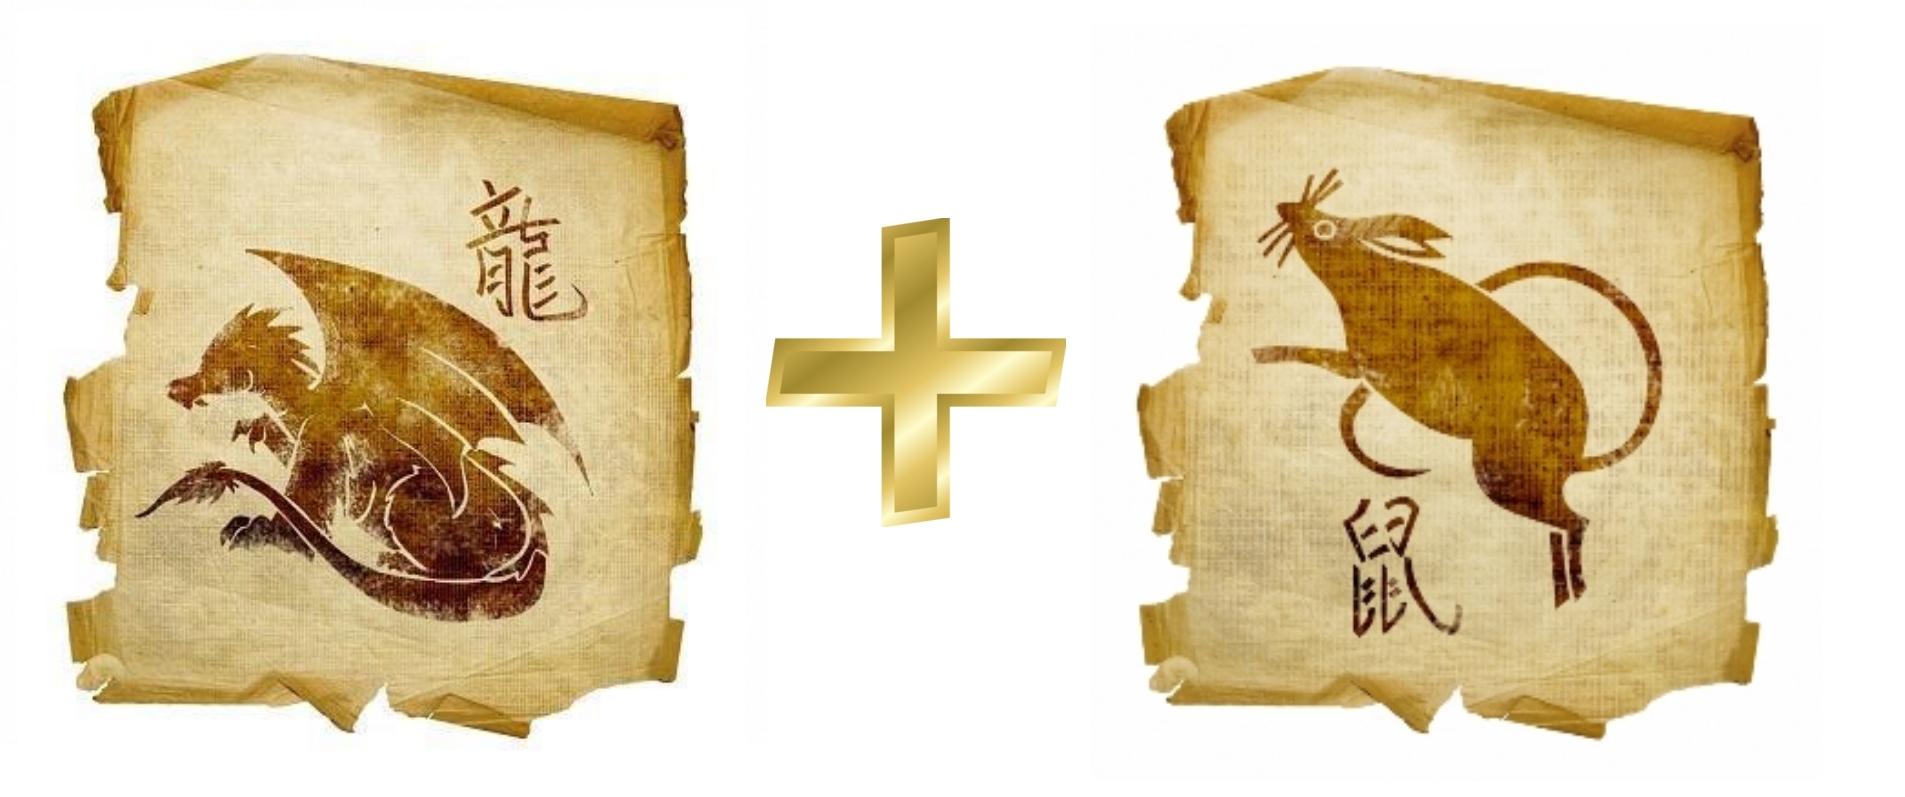 Дракон и Крыса (Мышь): гороскоп совместимости в любви